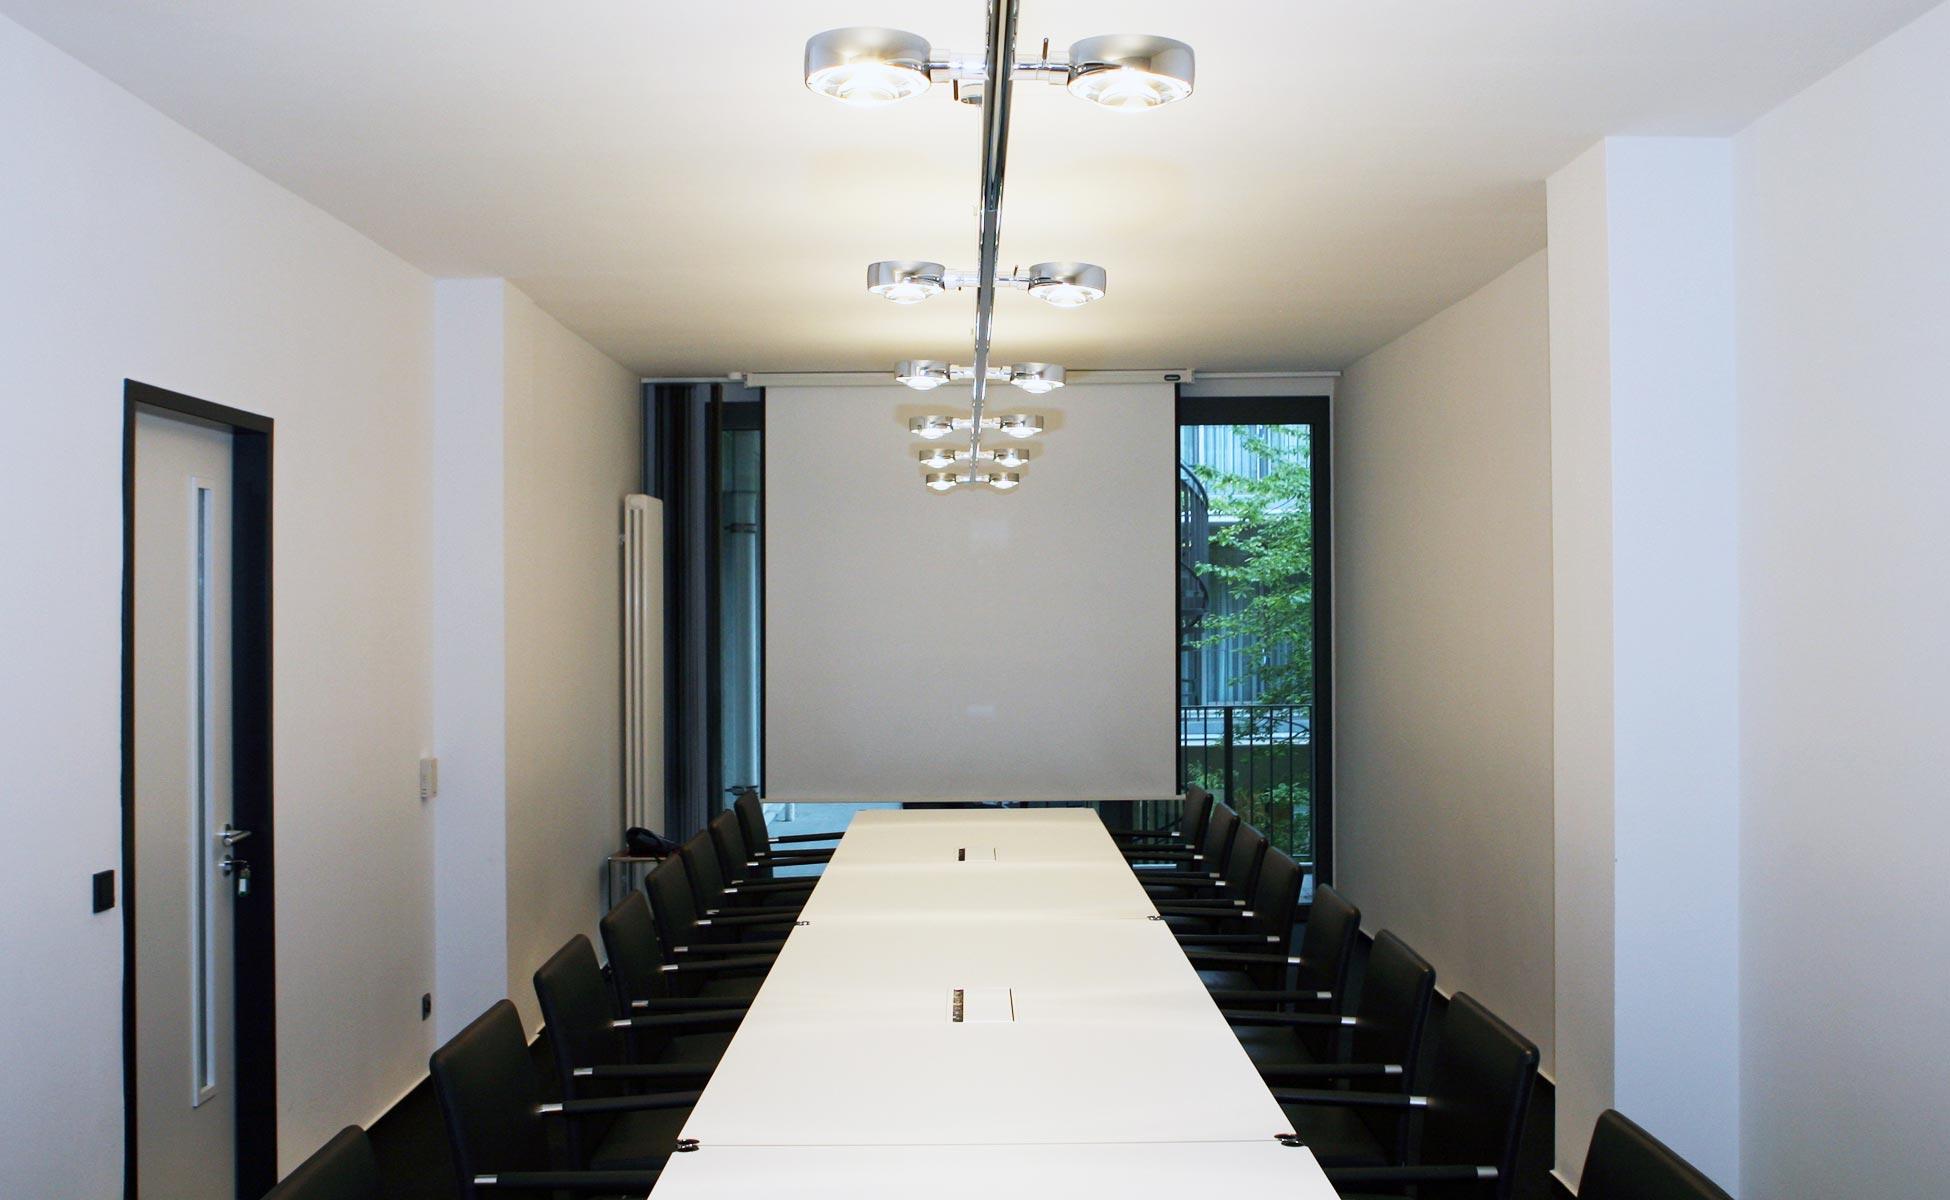 Büroeinrichtung - Occhio Systema + USM Haller Konferenztisch von steidten+ Berlin